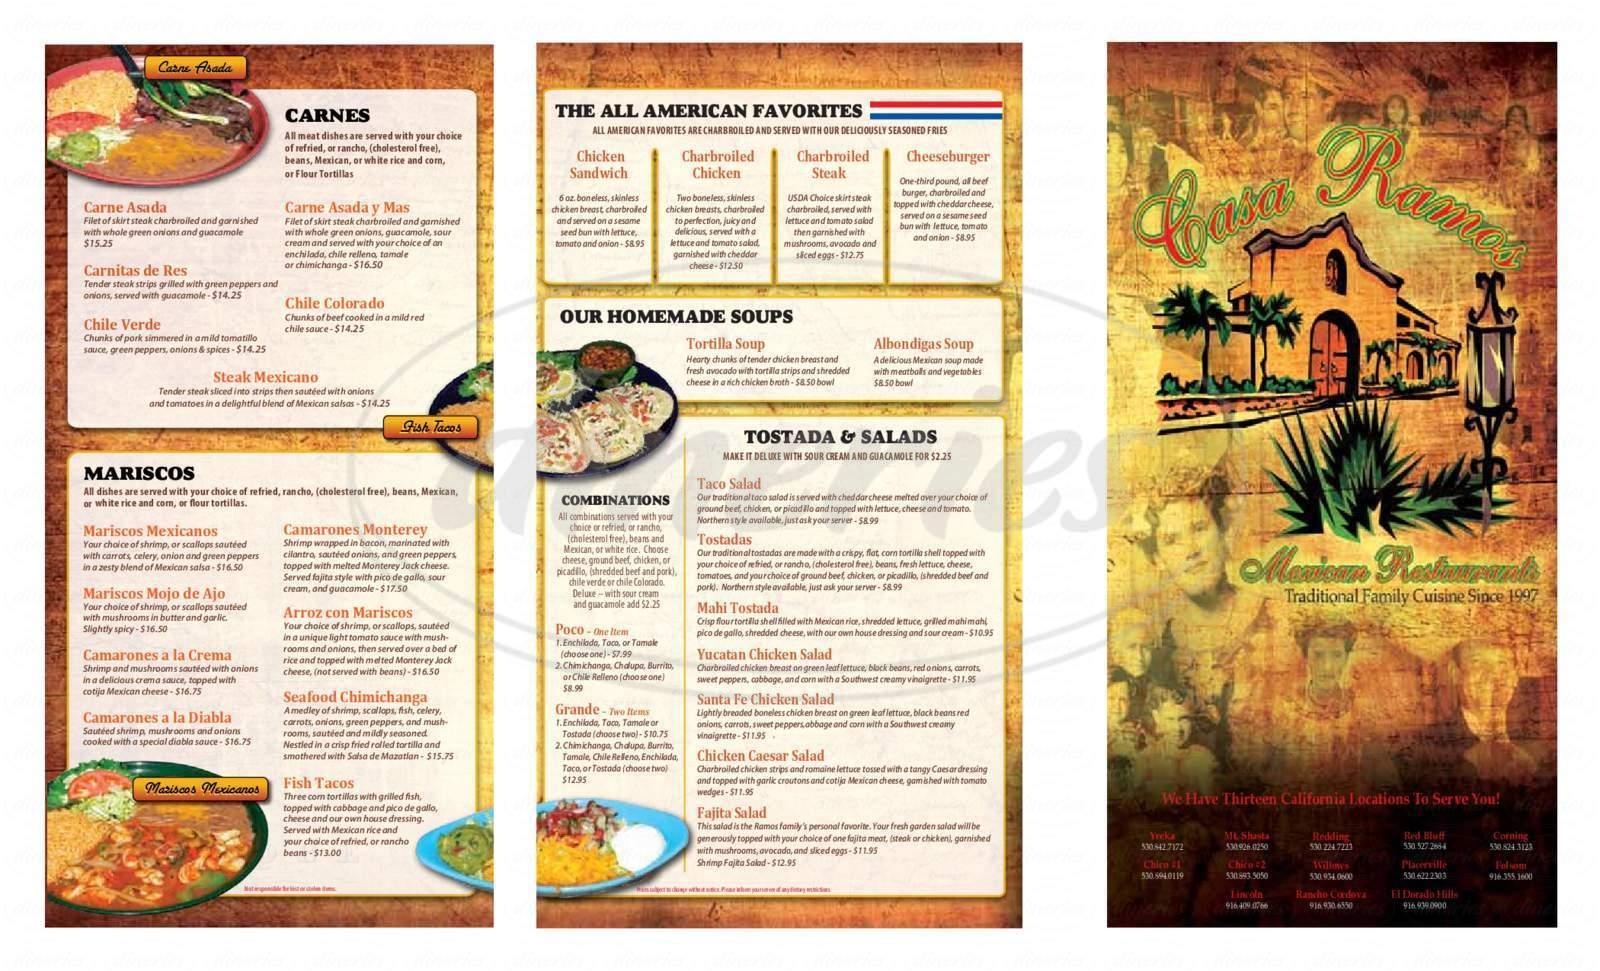 menu for Casa Ramos